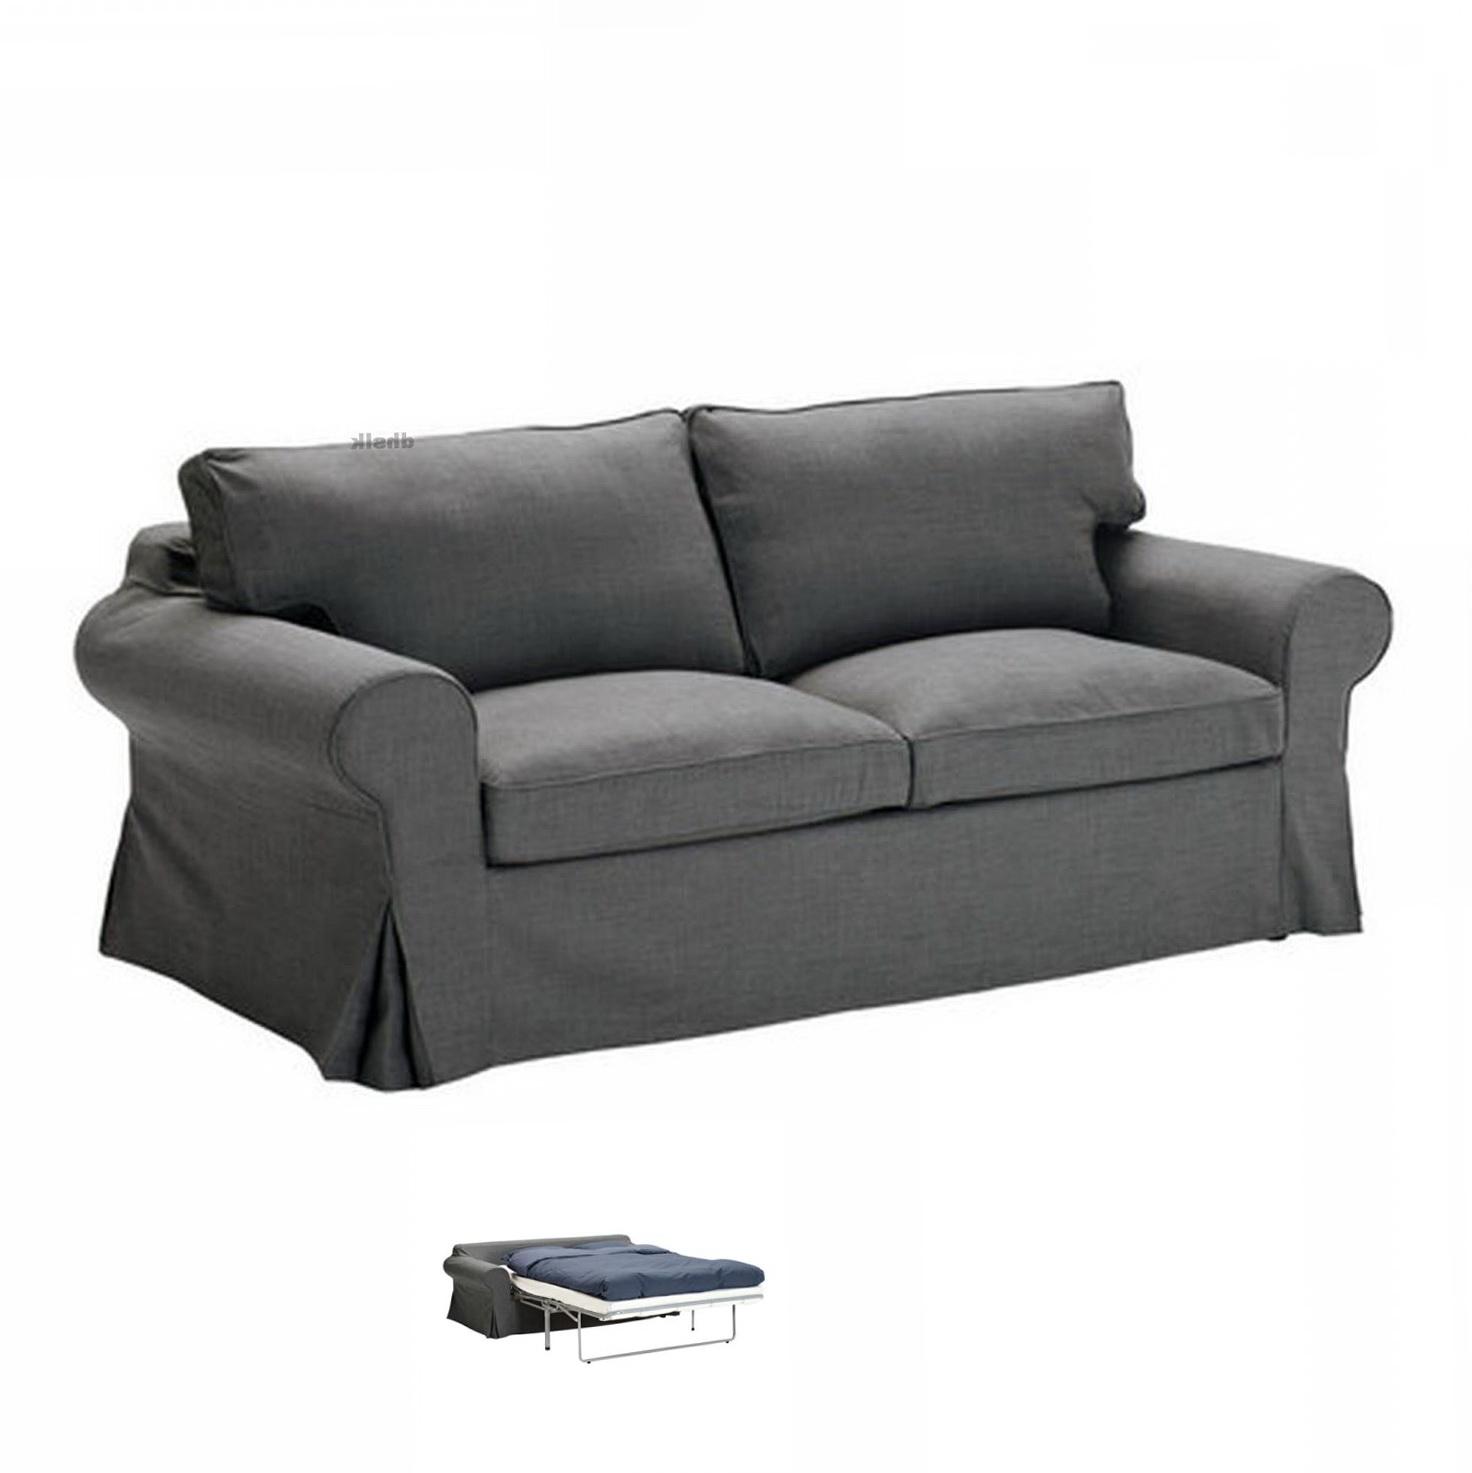 Ikea Sofa Beds Canada